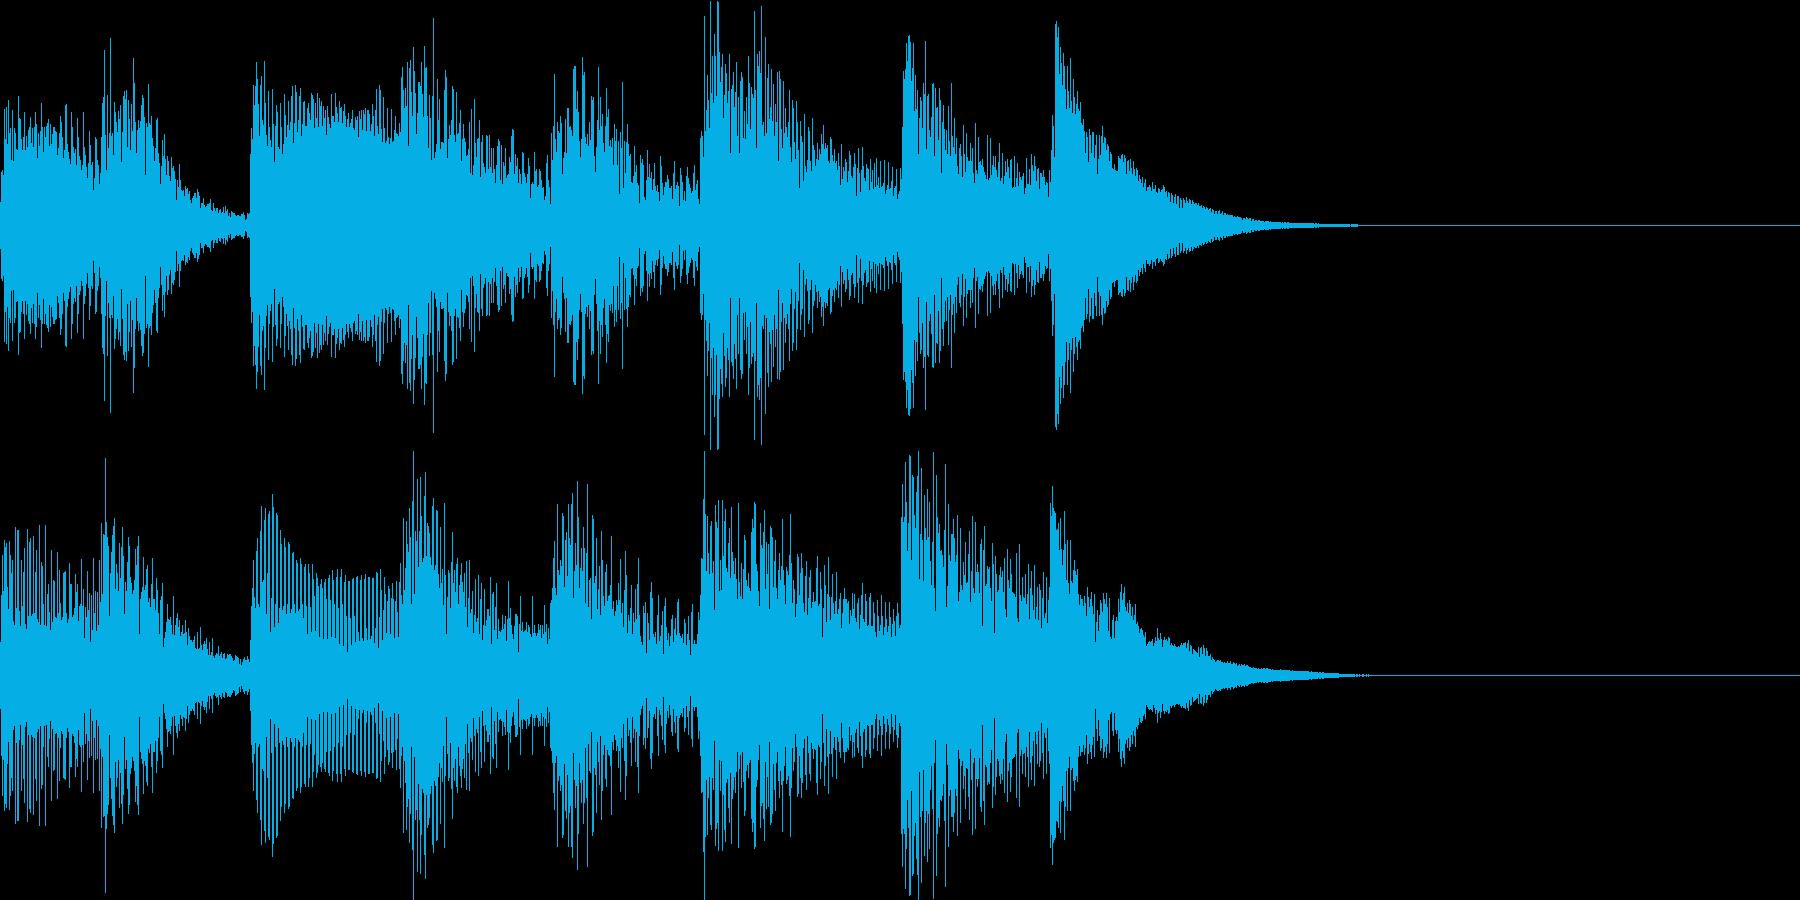 ダークで軽快なピアノのジングルの再生済みの波形